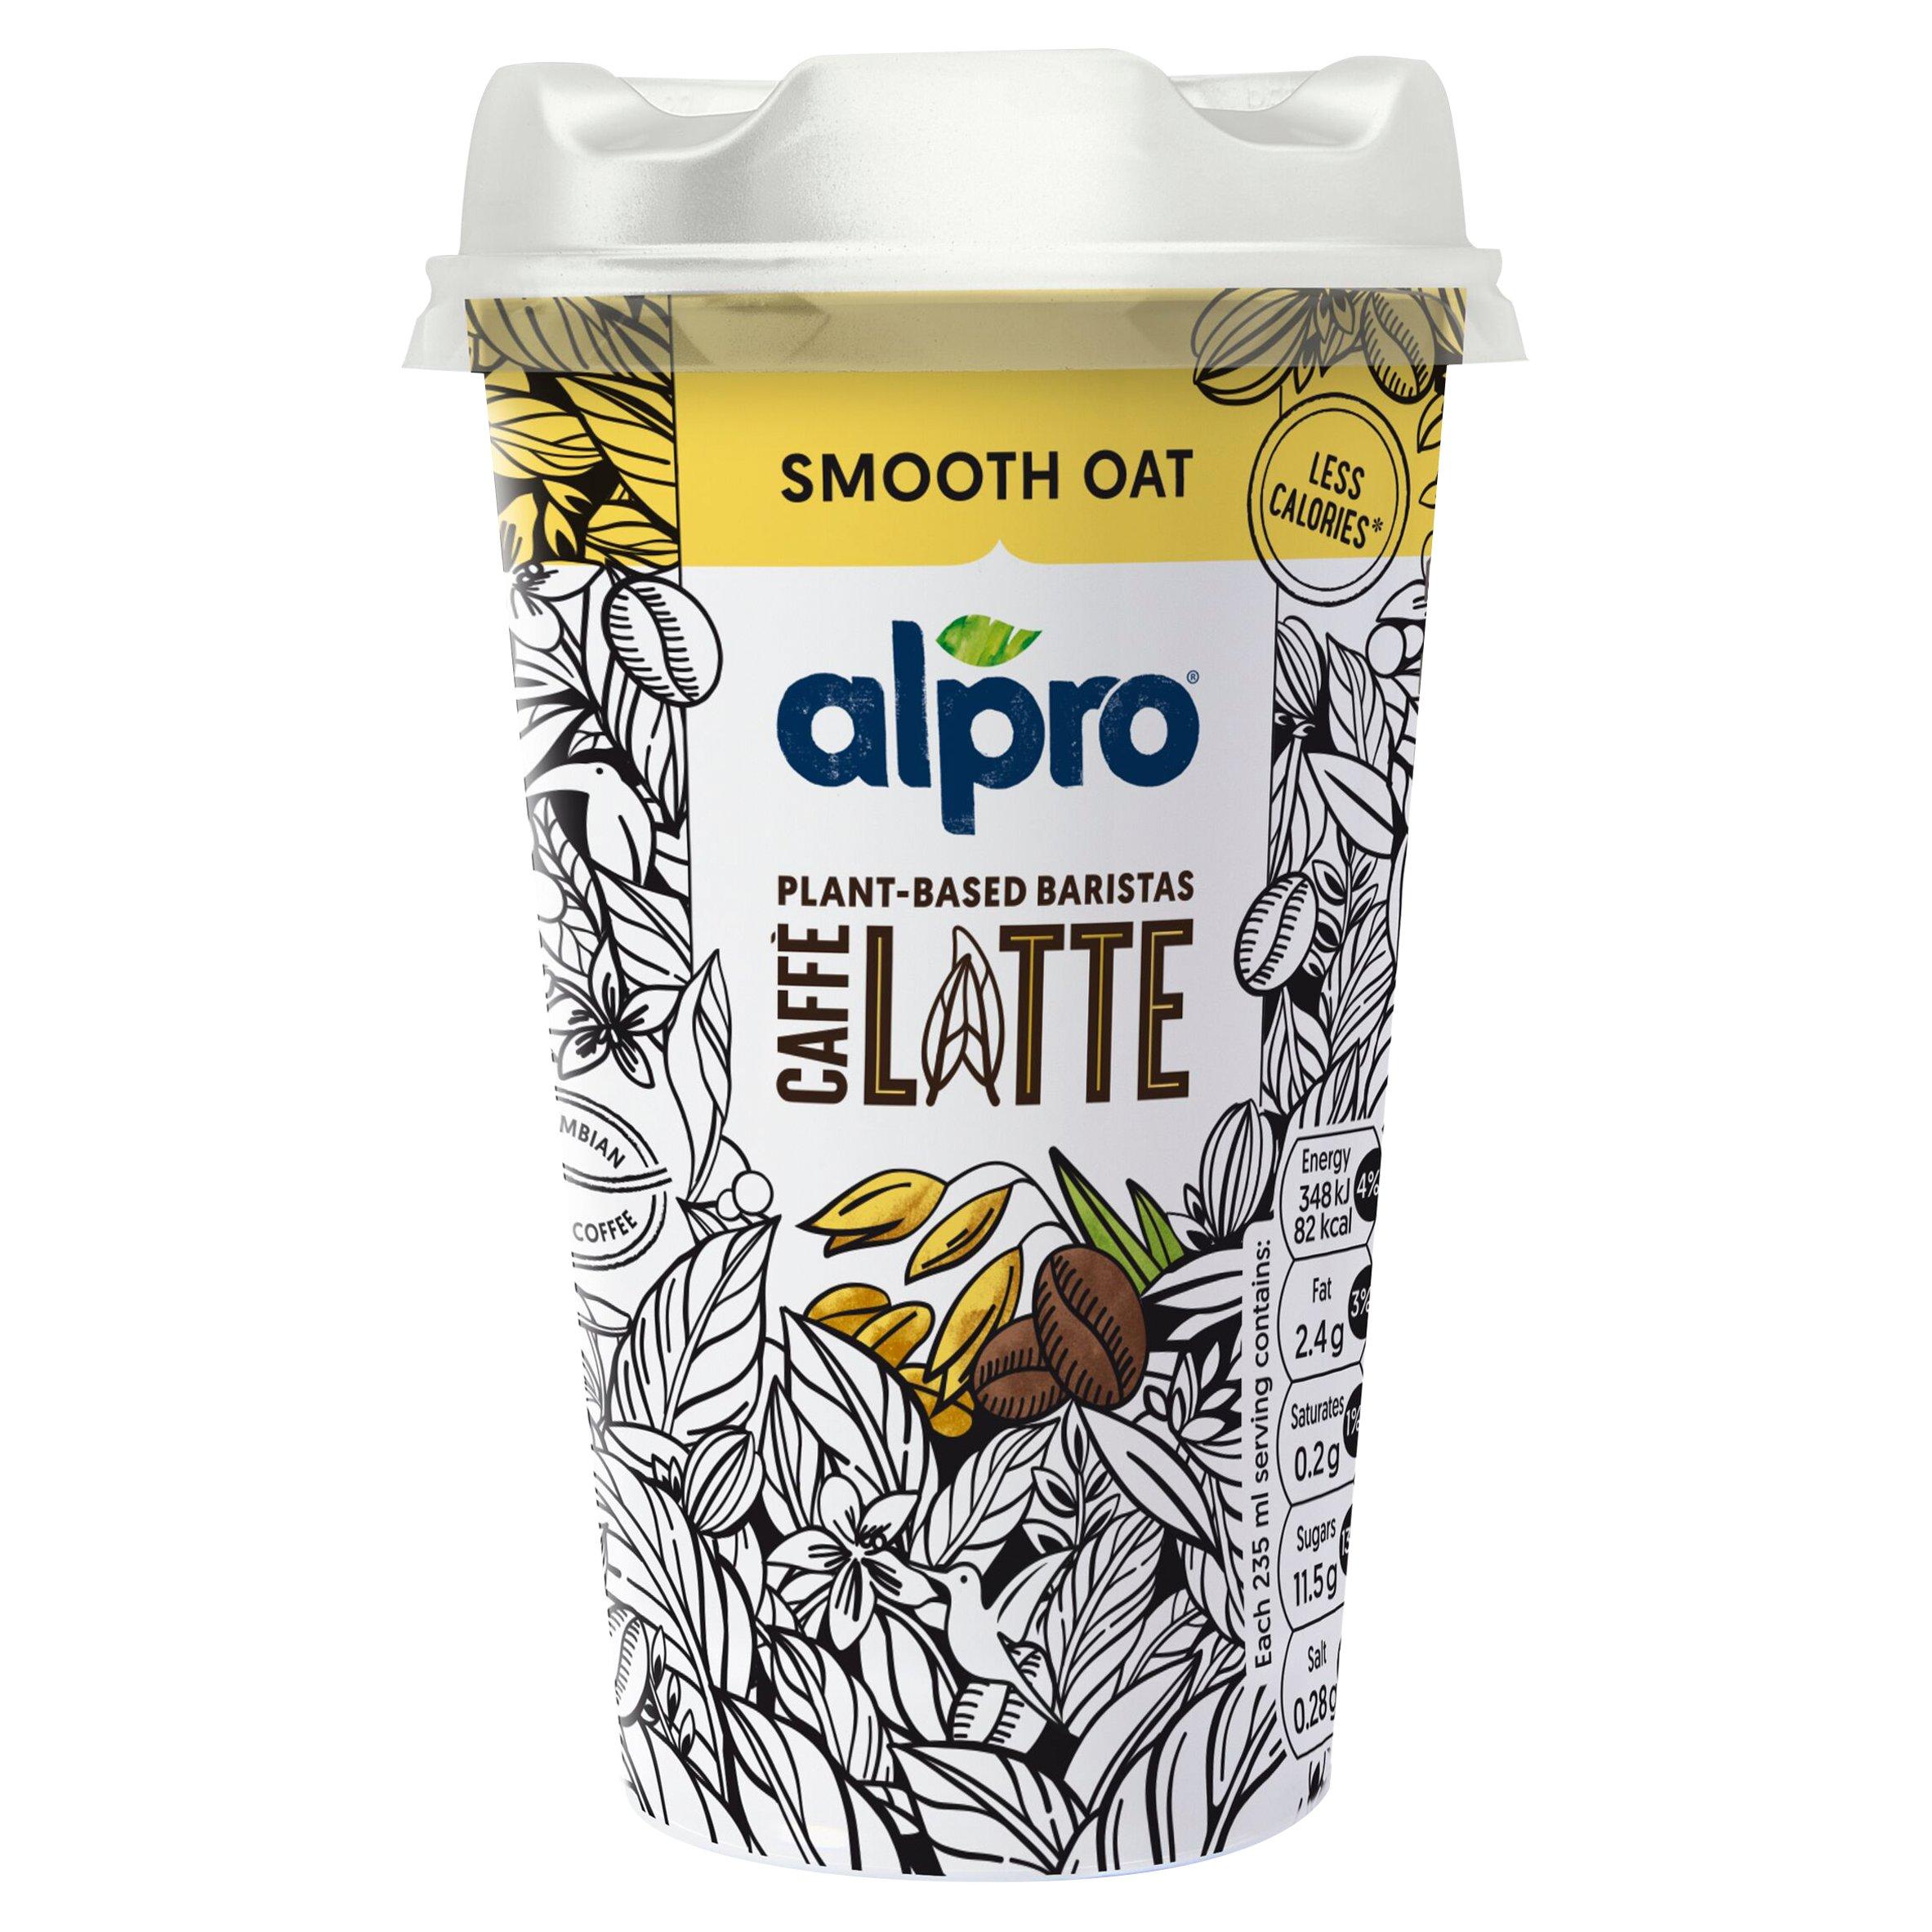 Alpro Caffe Colombian Coffee & Oat Blend 235Ml